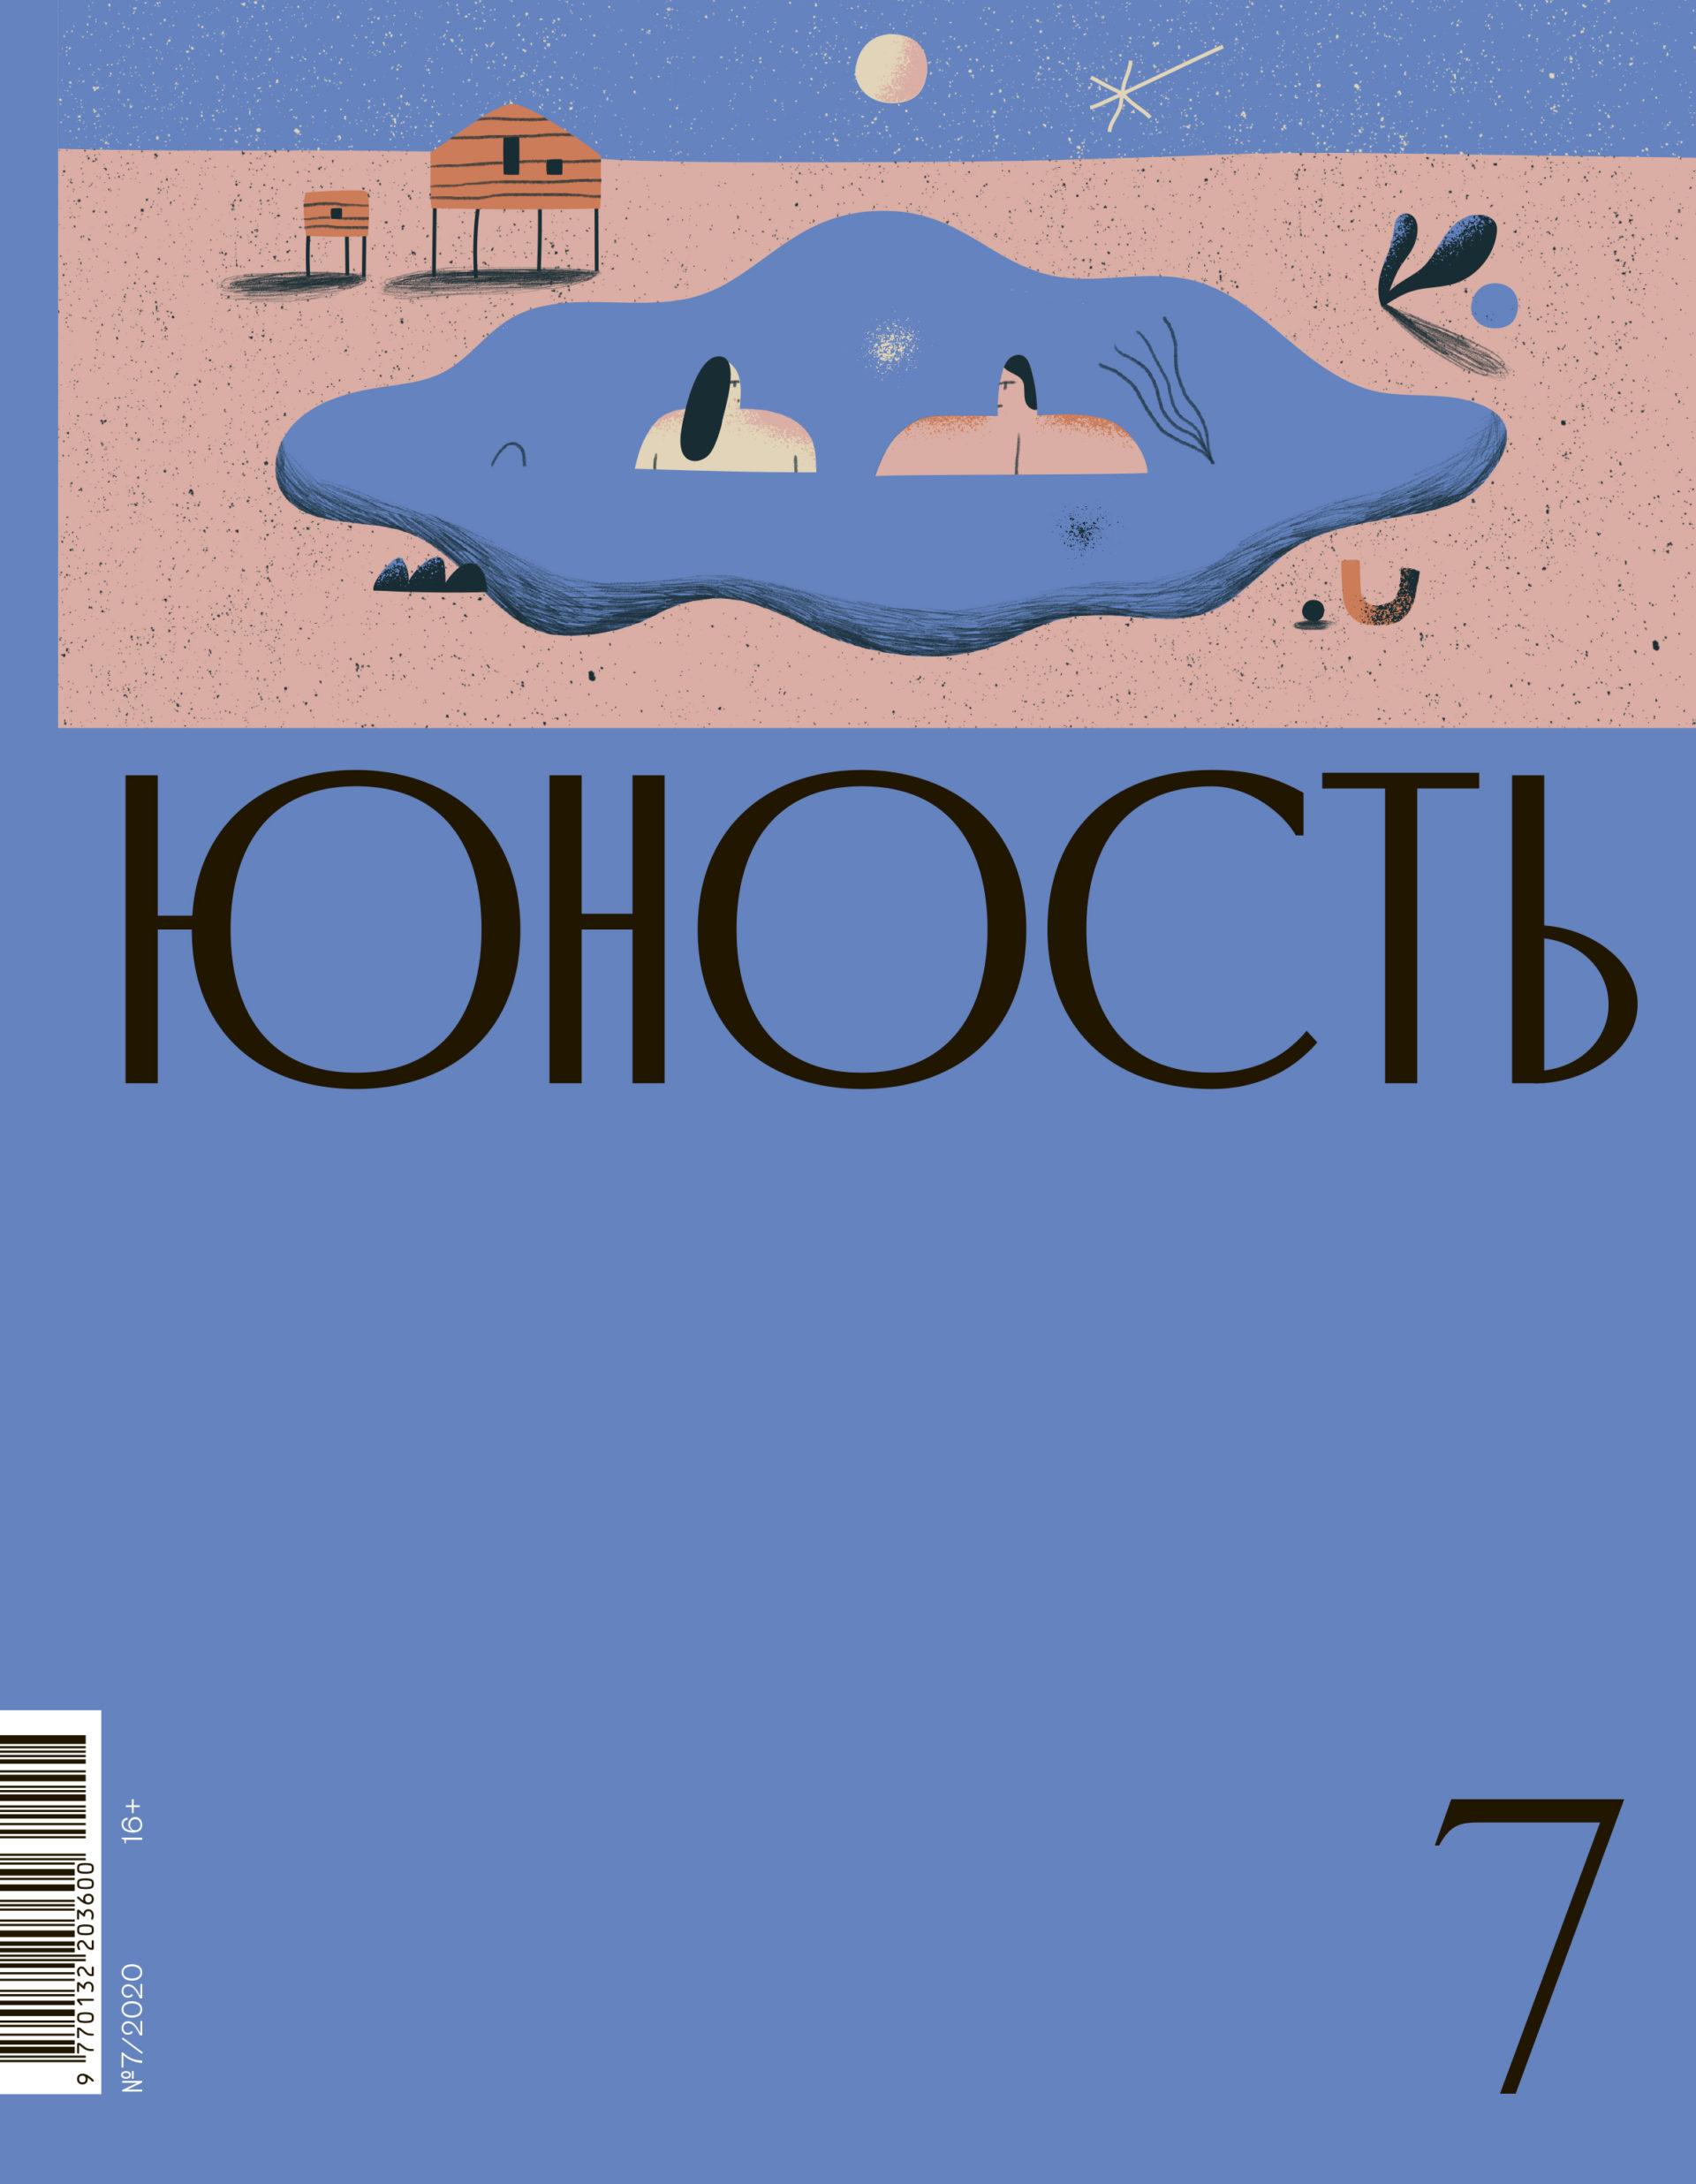 Содержание июльского номера журнала «Юность»